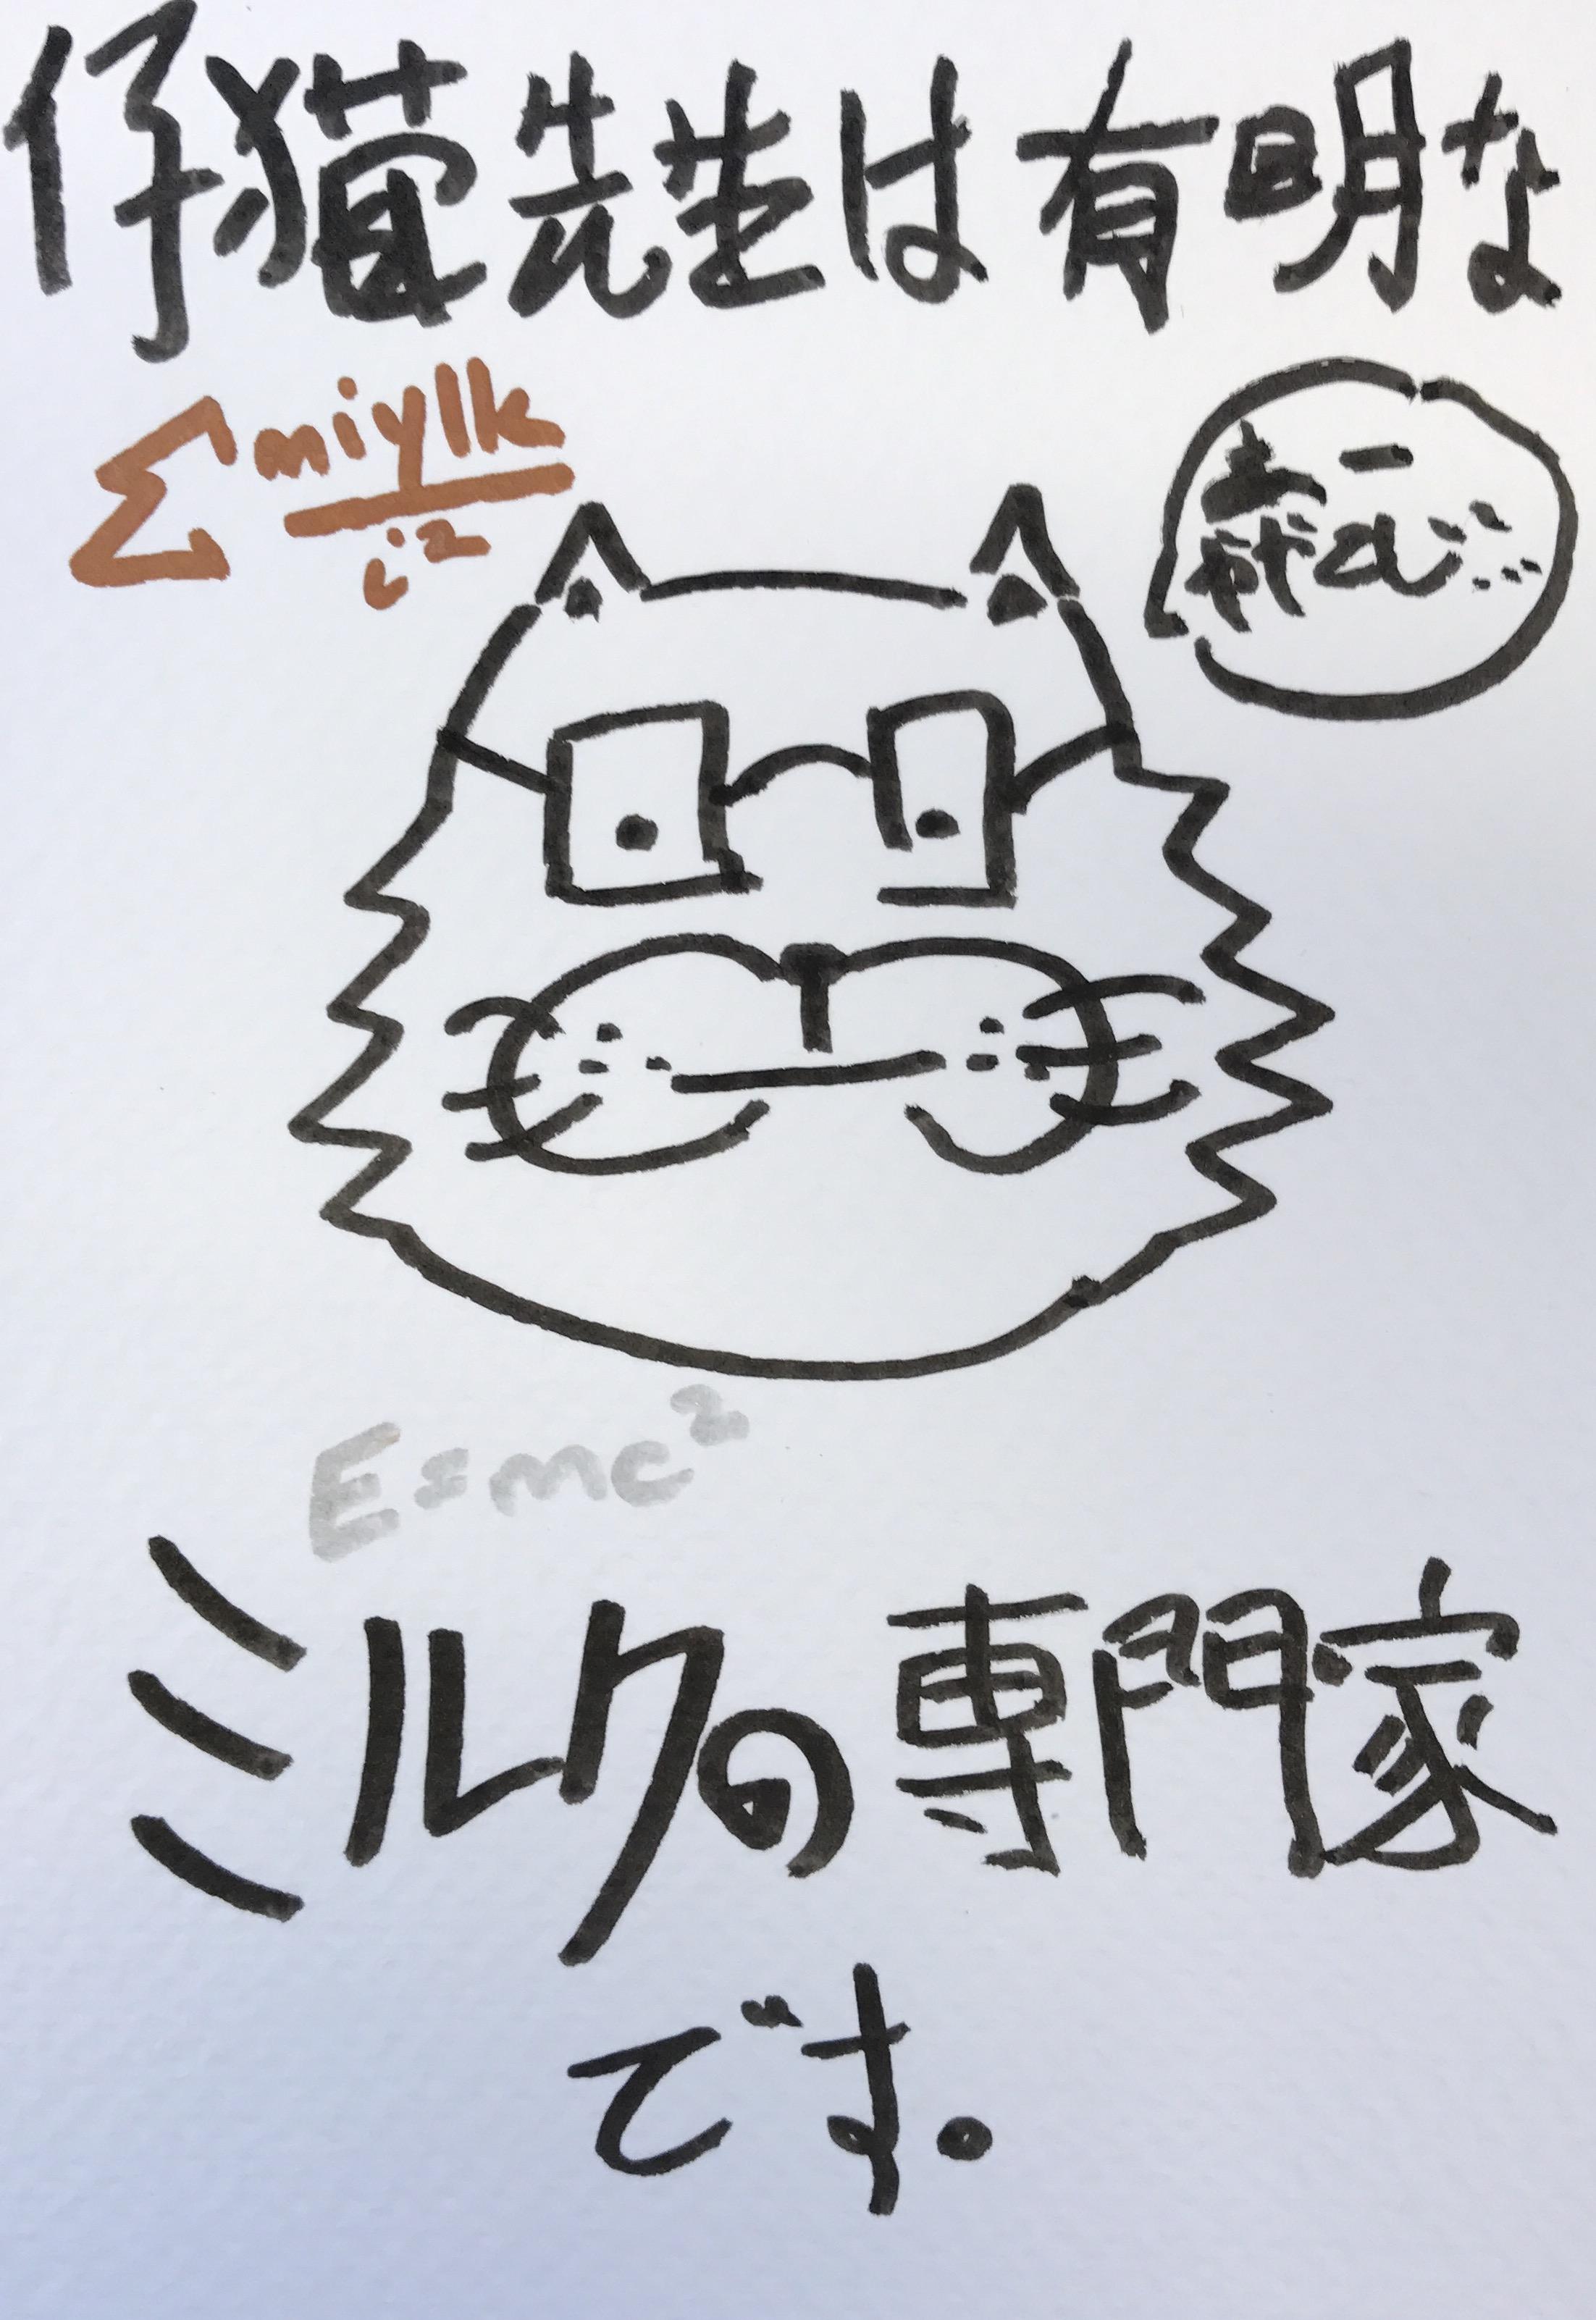 仔猫先生は有名なミルクの専門家です 日本語 日本 描く かわいい コミックス ペン art drawing comic manga cartoon ink kawaii